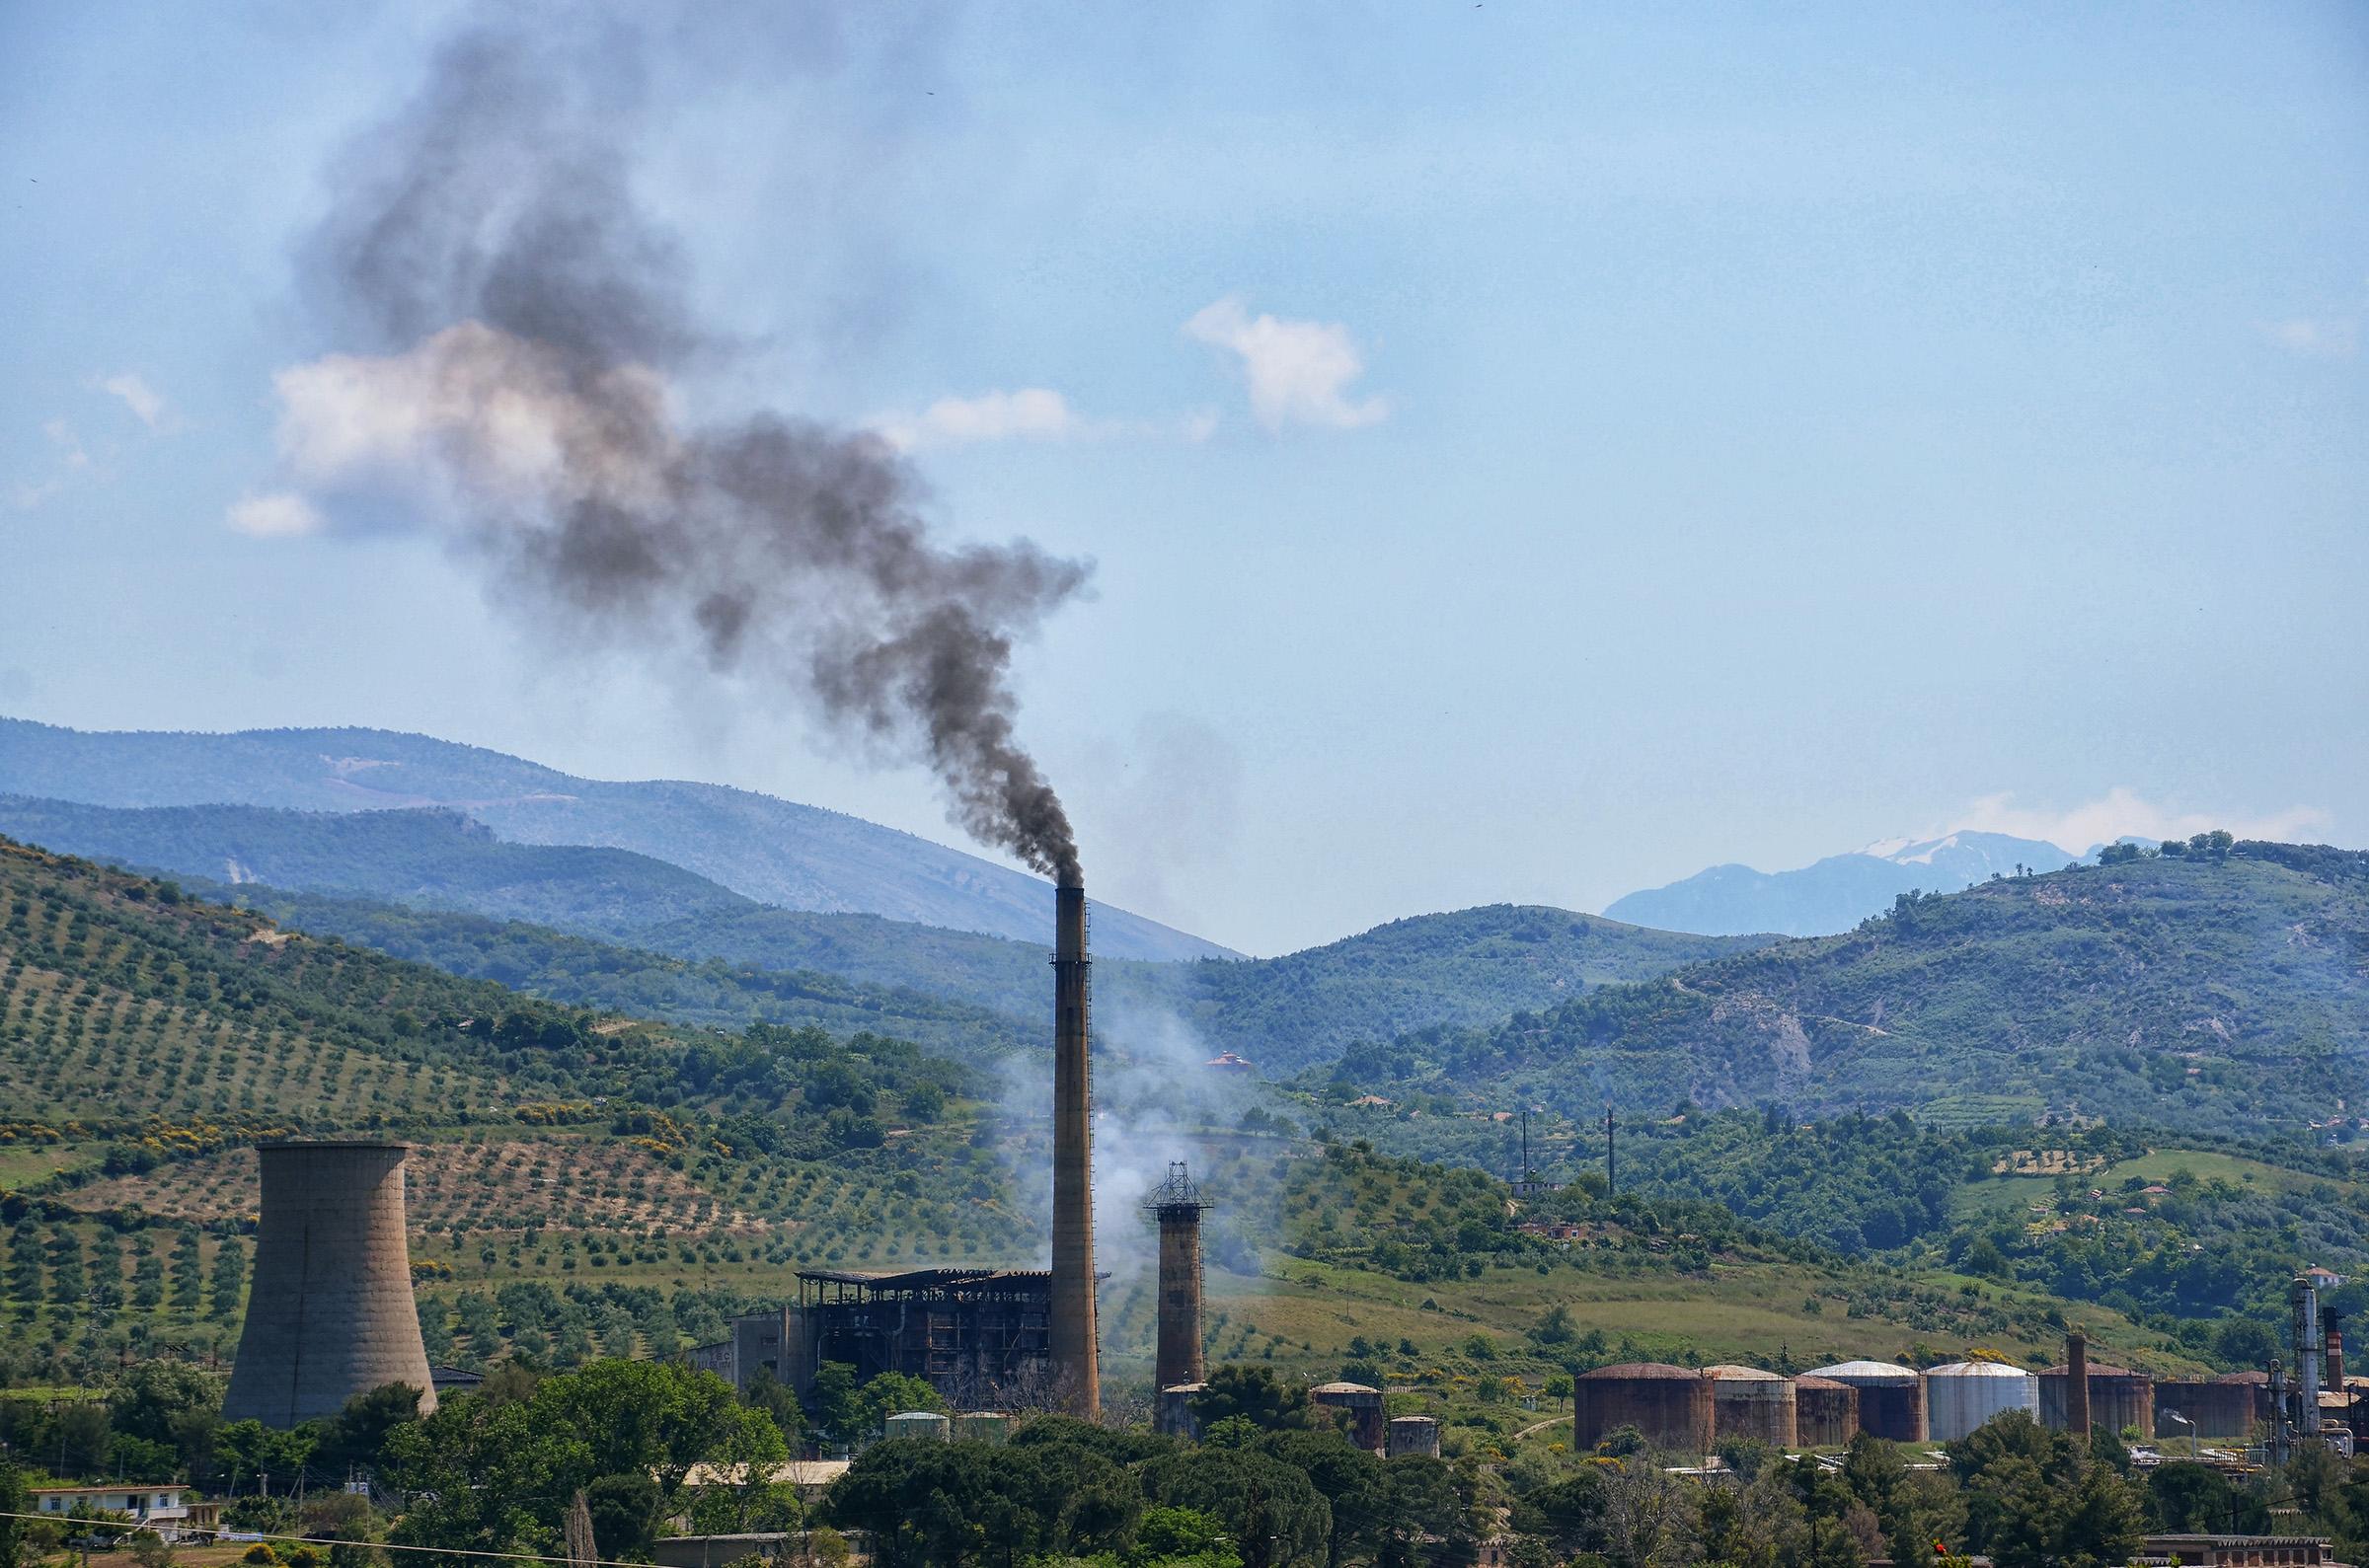 Die durch Entwicklungshilfe subventionierte umweltschädliche Infrastruktur für fossile Brennstoffe untergräbt die Fortschritte, die beim Klimawandel und bei der internationalen Entwicklung erzielt wurden.